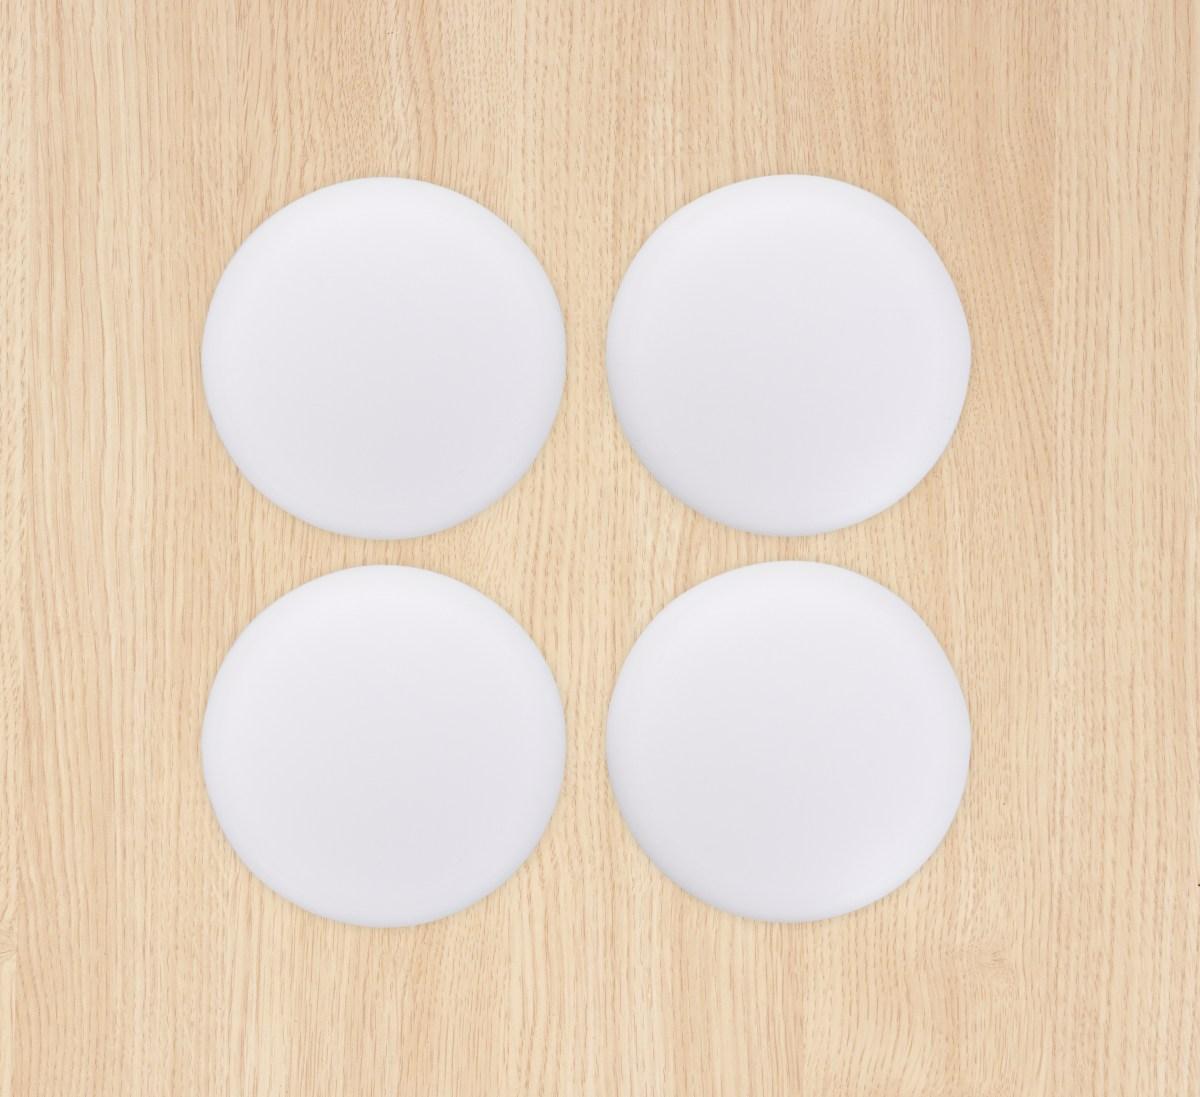 4 ks samolepící silikonové podložky proti nárazu dveří  kulaté, bílé